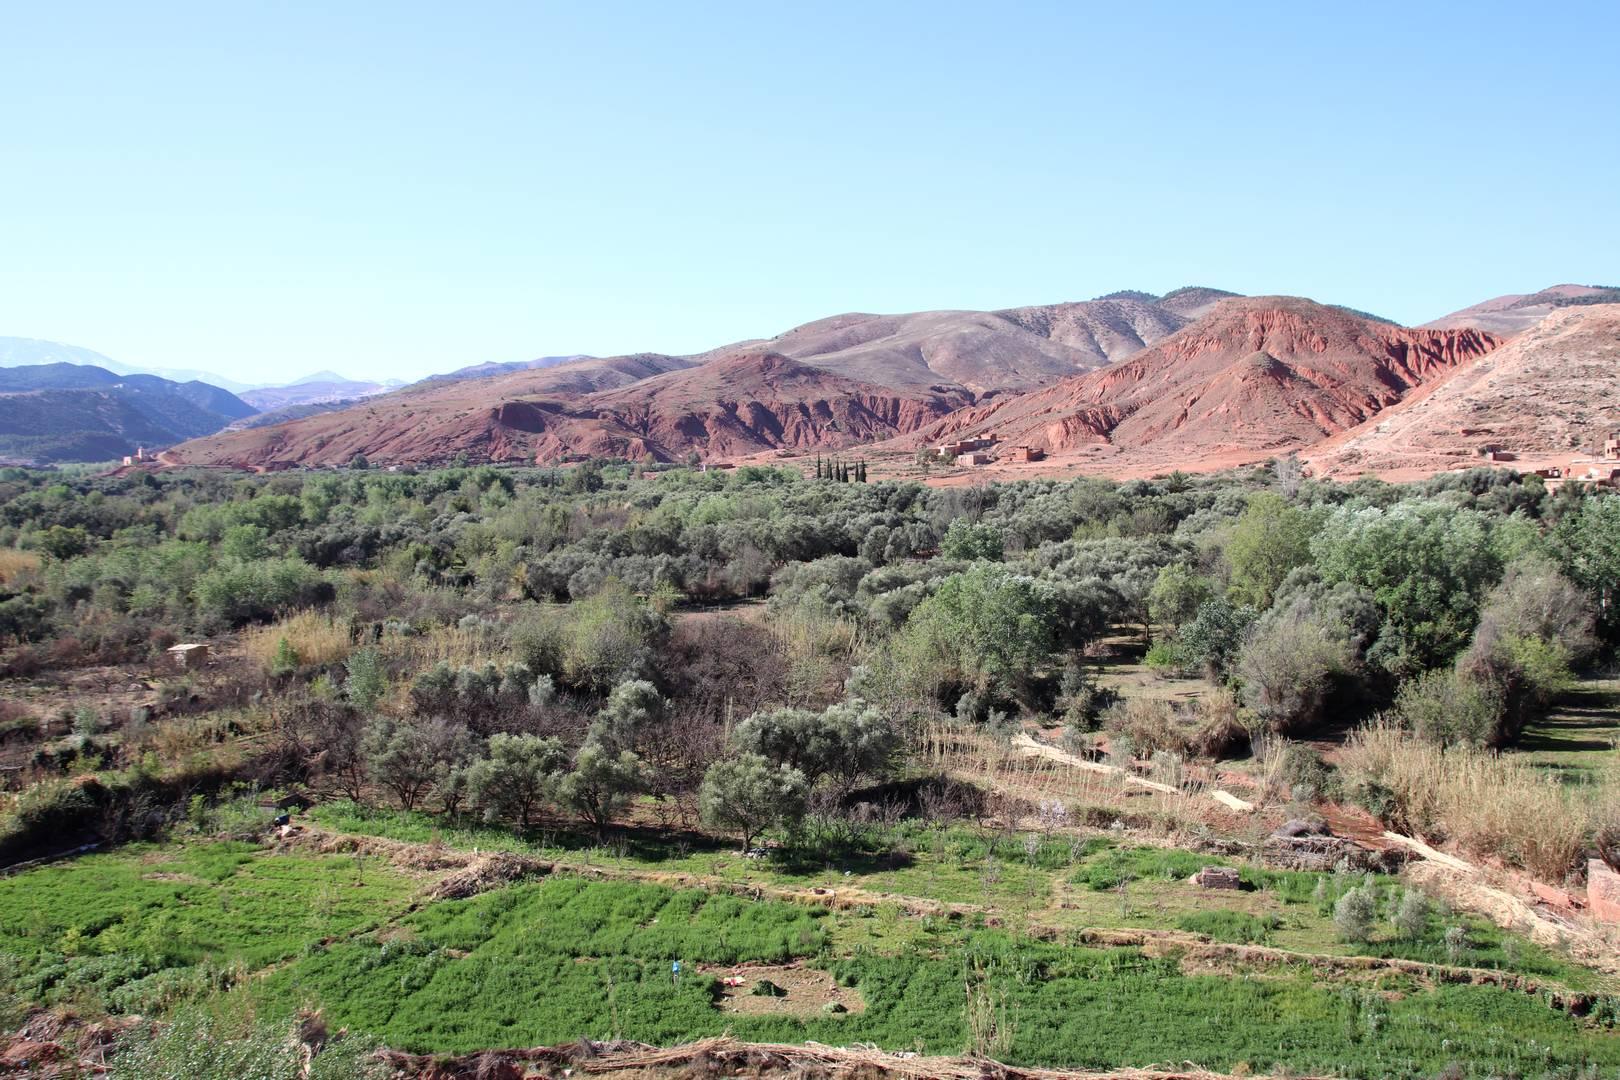 Maroc - Vallée d'Imlil